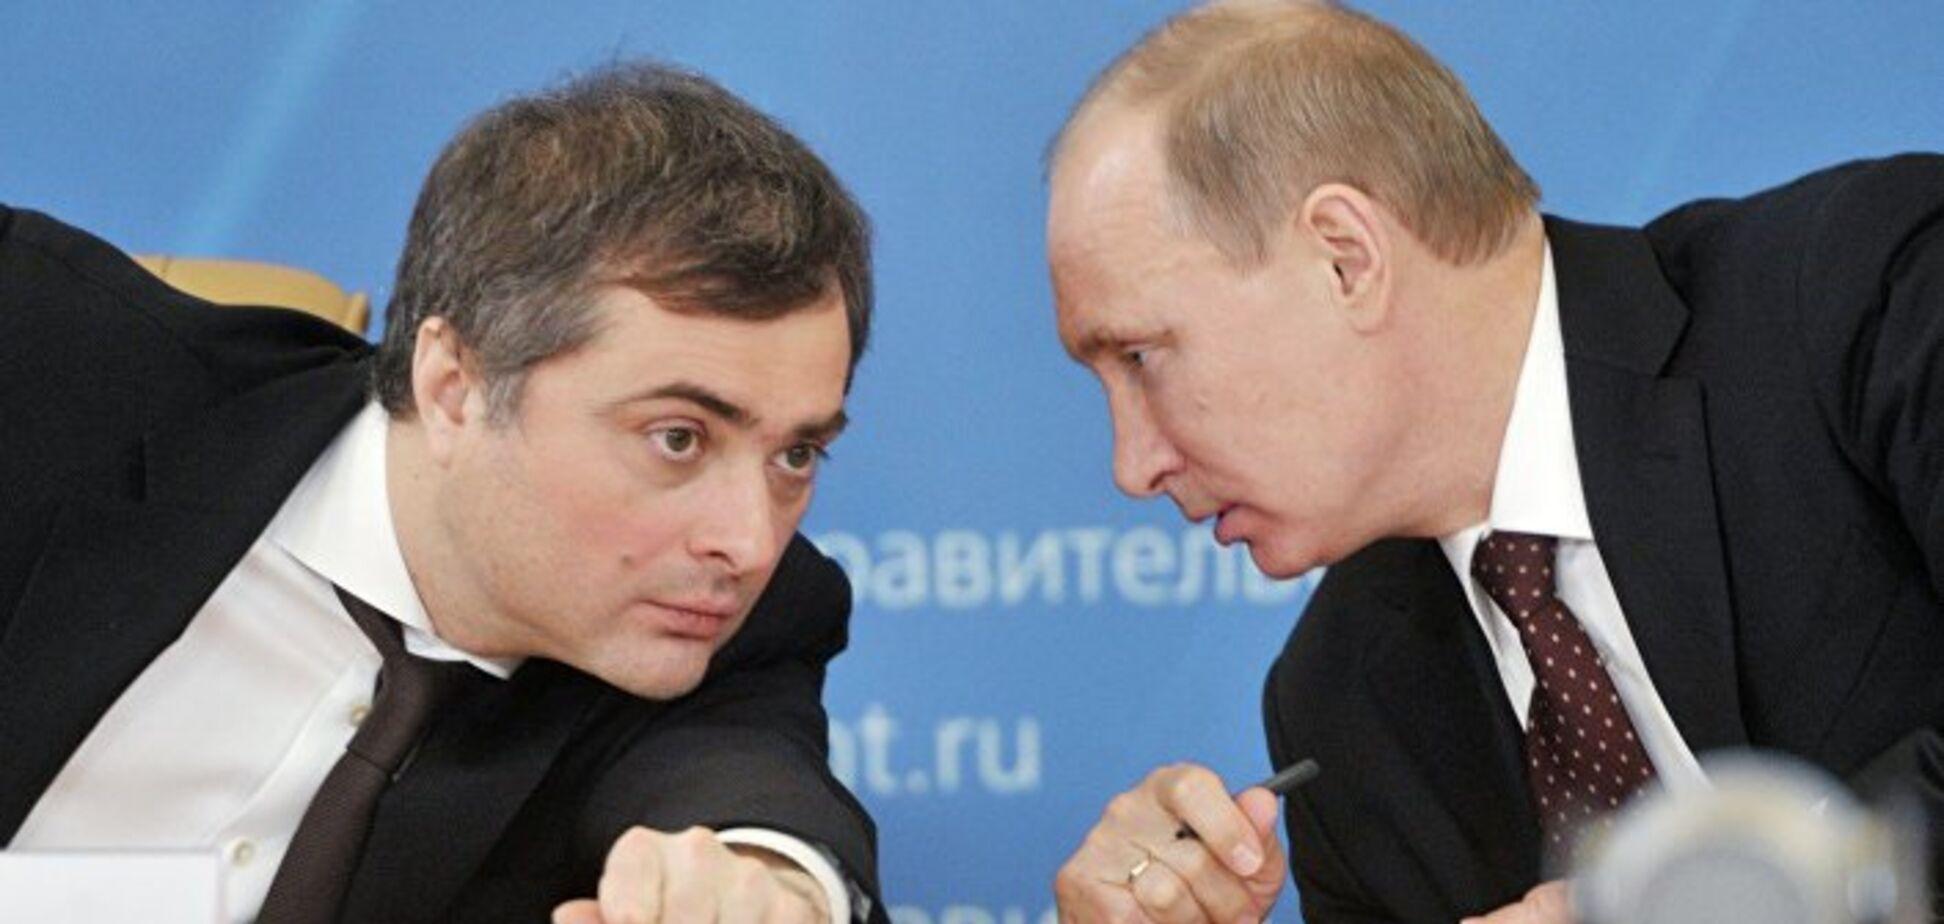 Портников оценил слова Суркова и пояснил, как РФ хочет 'изнасиловать' Украину